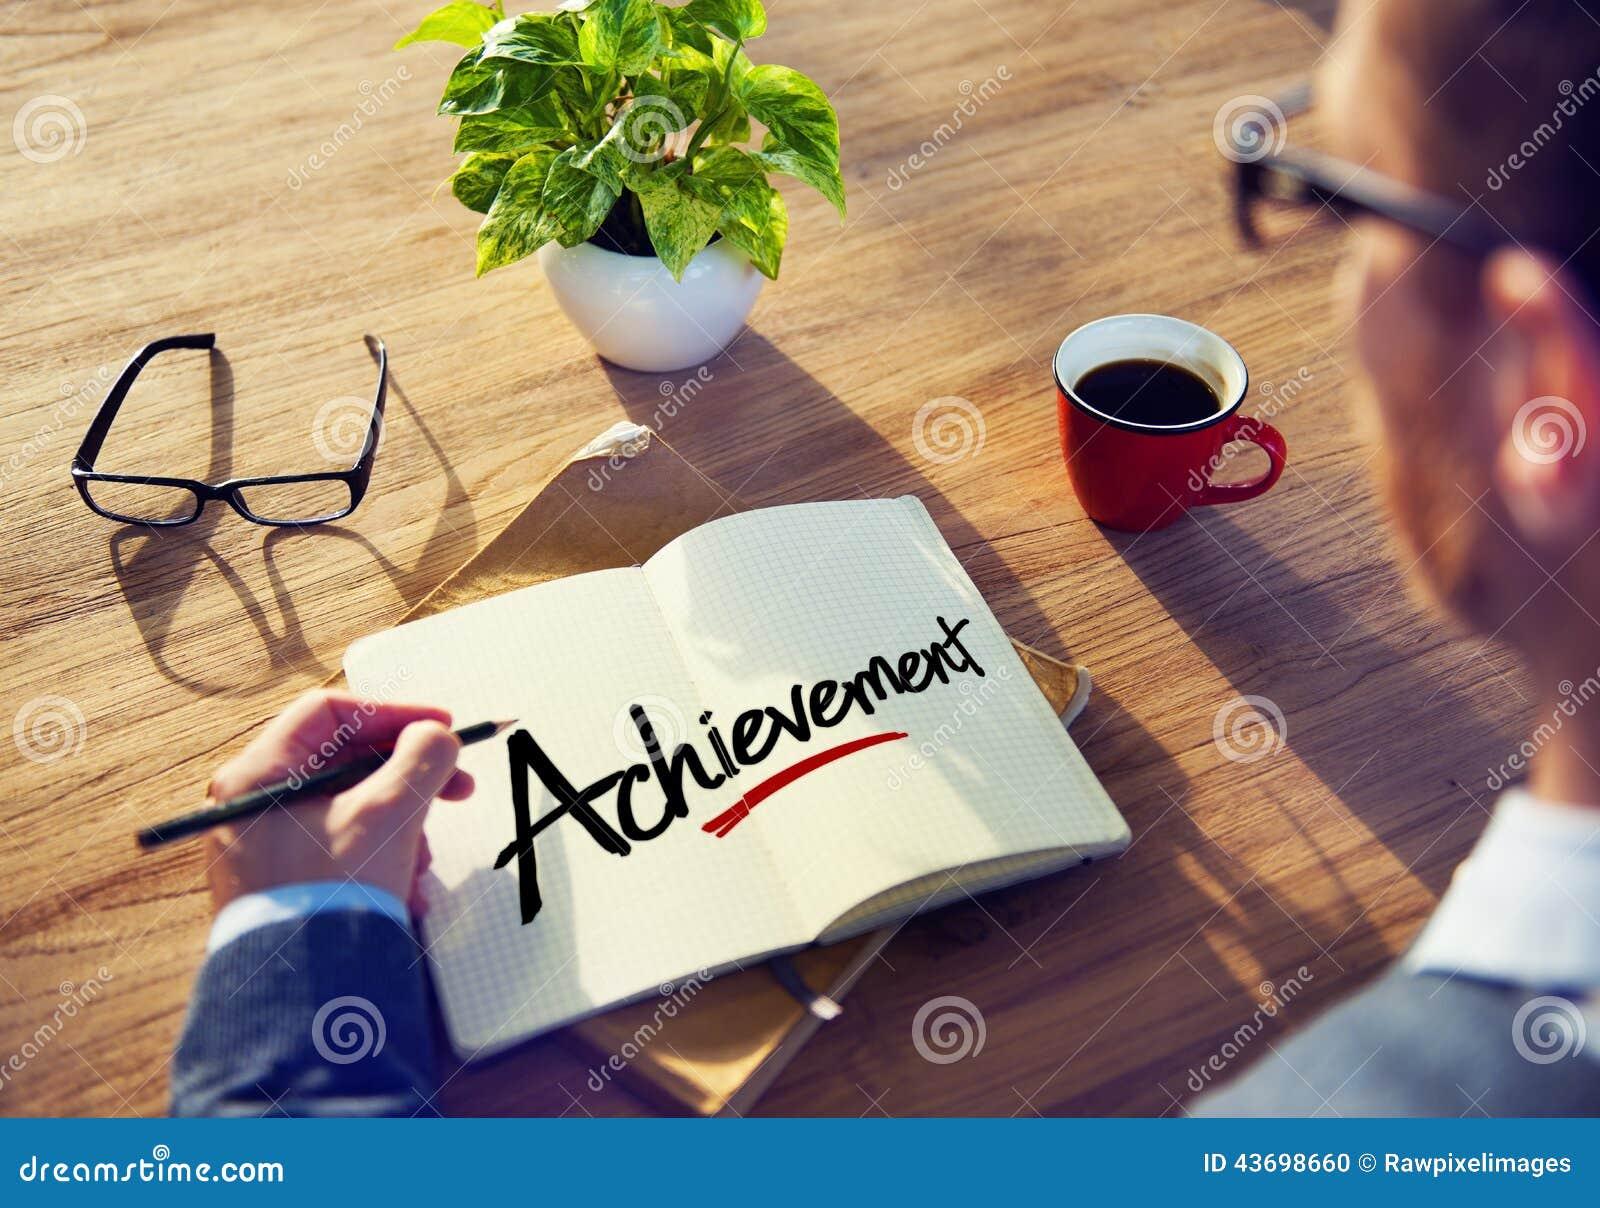 Businessman Brainstorming About Achievement Concepts